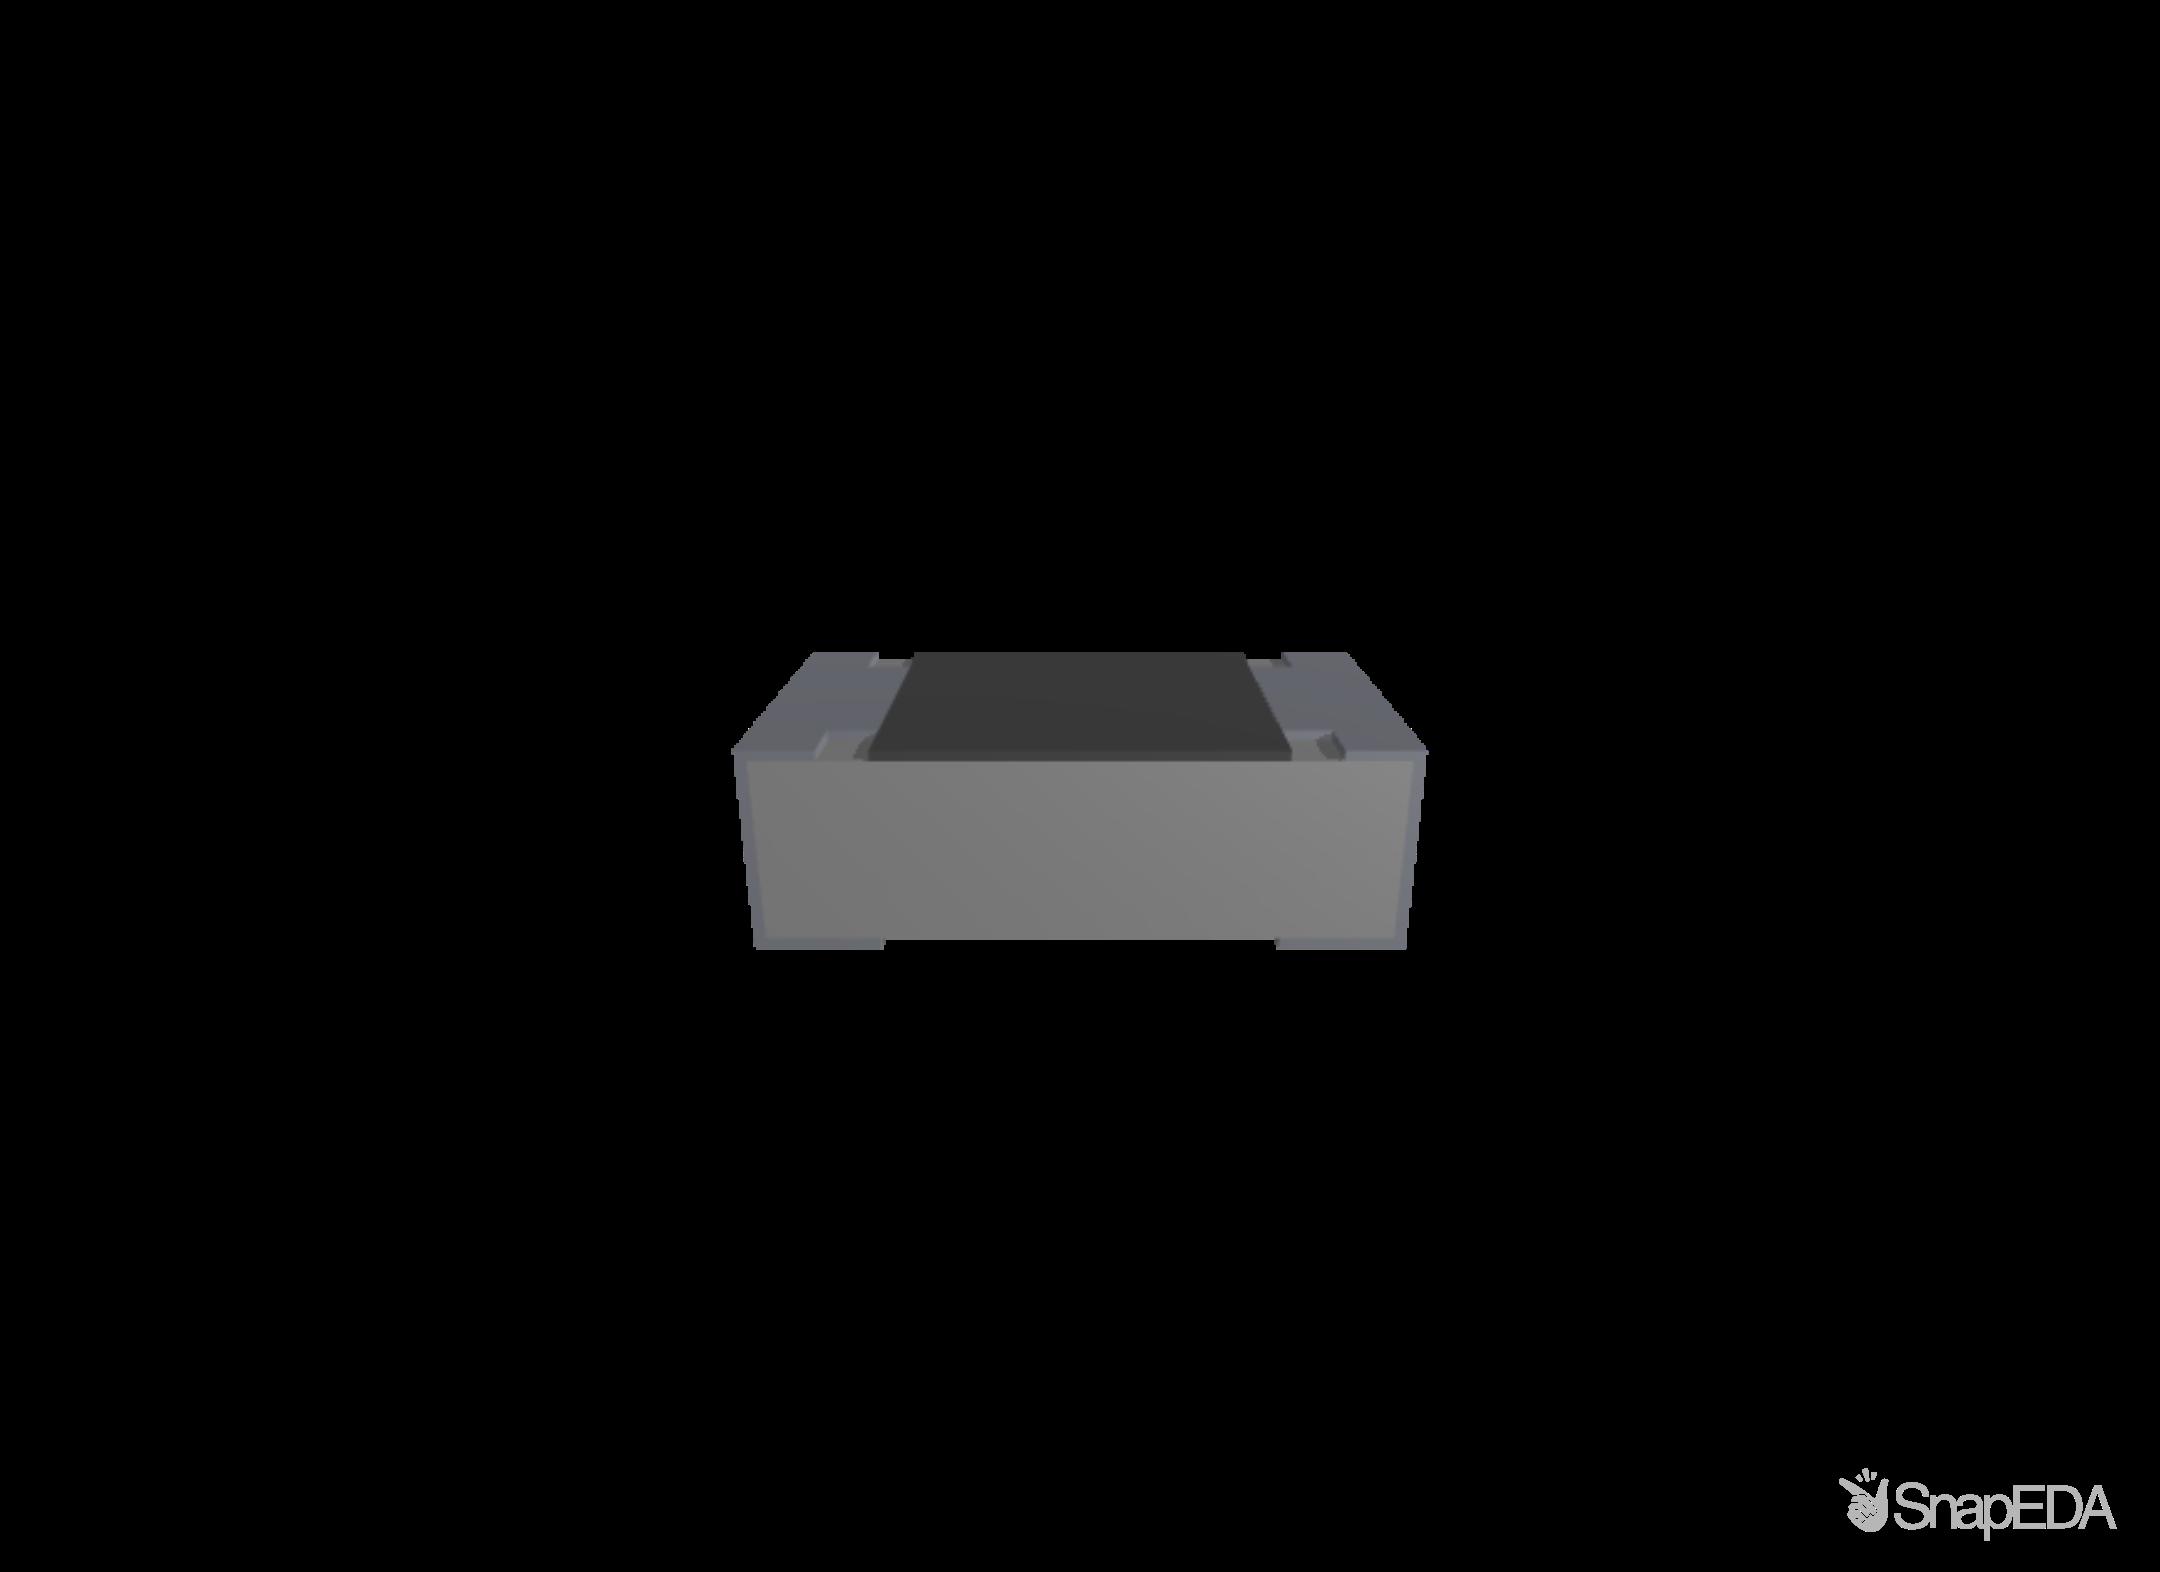 CRCW06032R40FKEA 3D Model